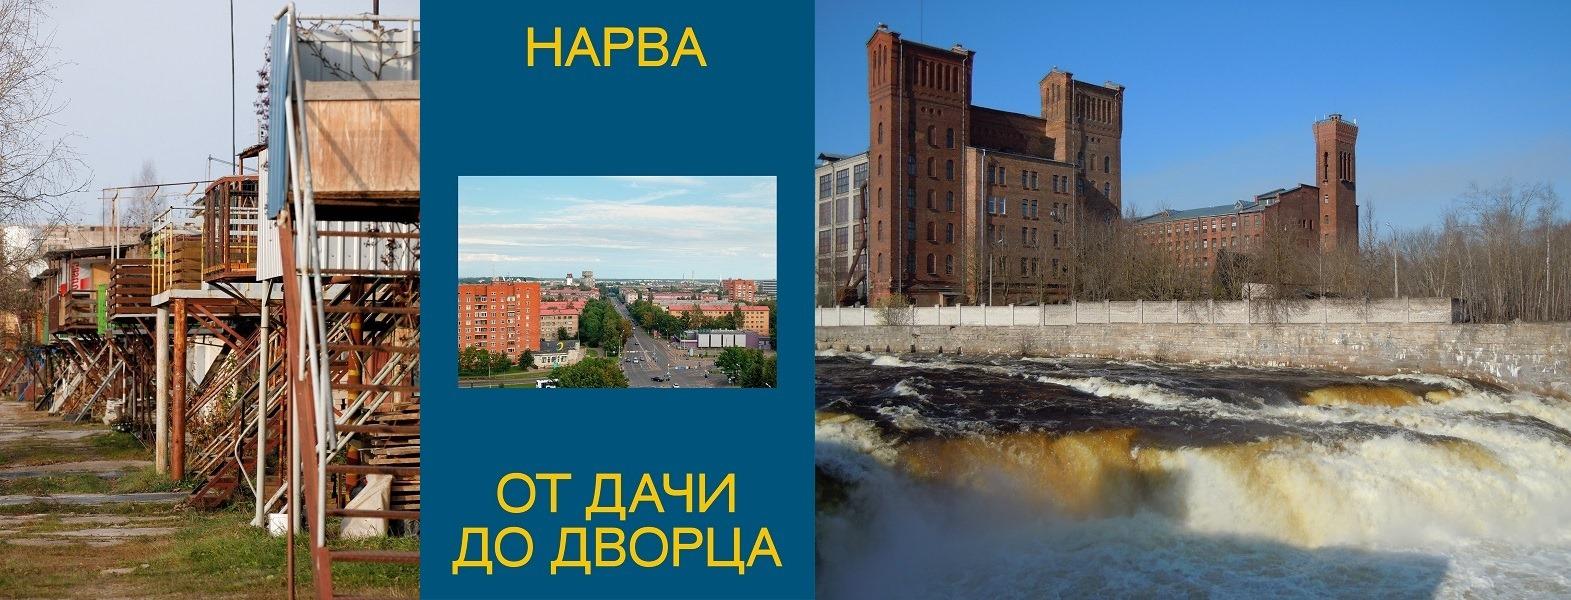 2 декабря в Художественной галерее Нарвского музея состоялась презентация книги «Нарва. От дачи до дворца».